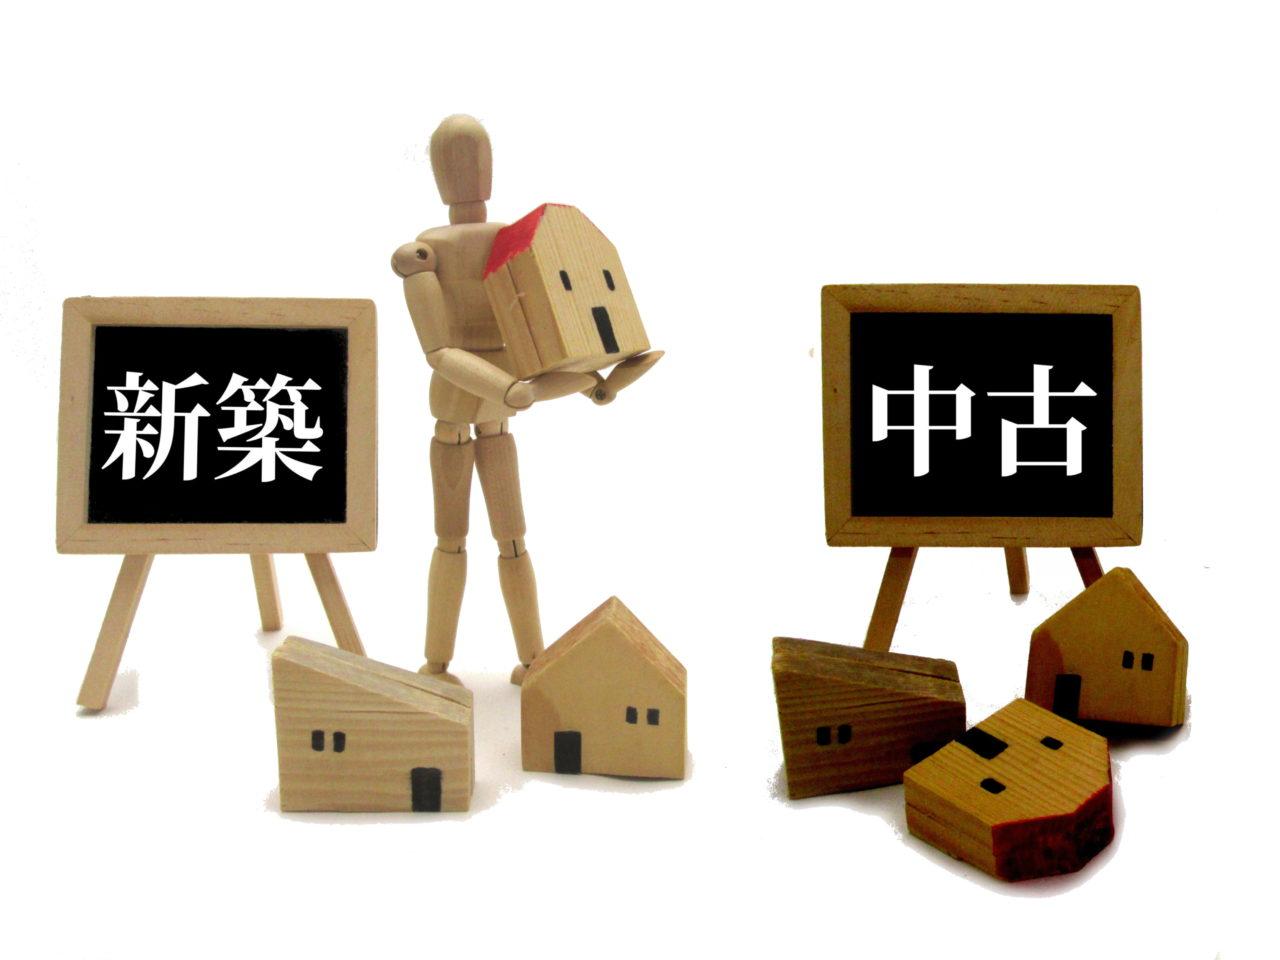 新築不動産投資のデメリットと中古不動産投資のメリット